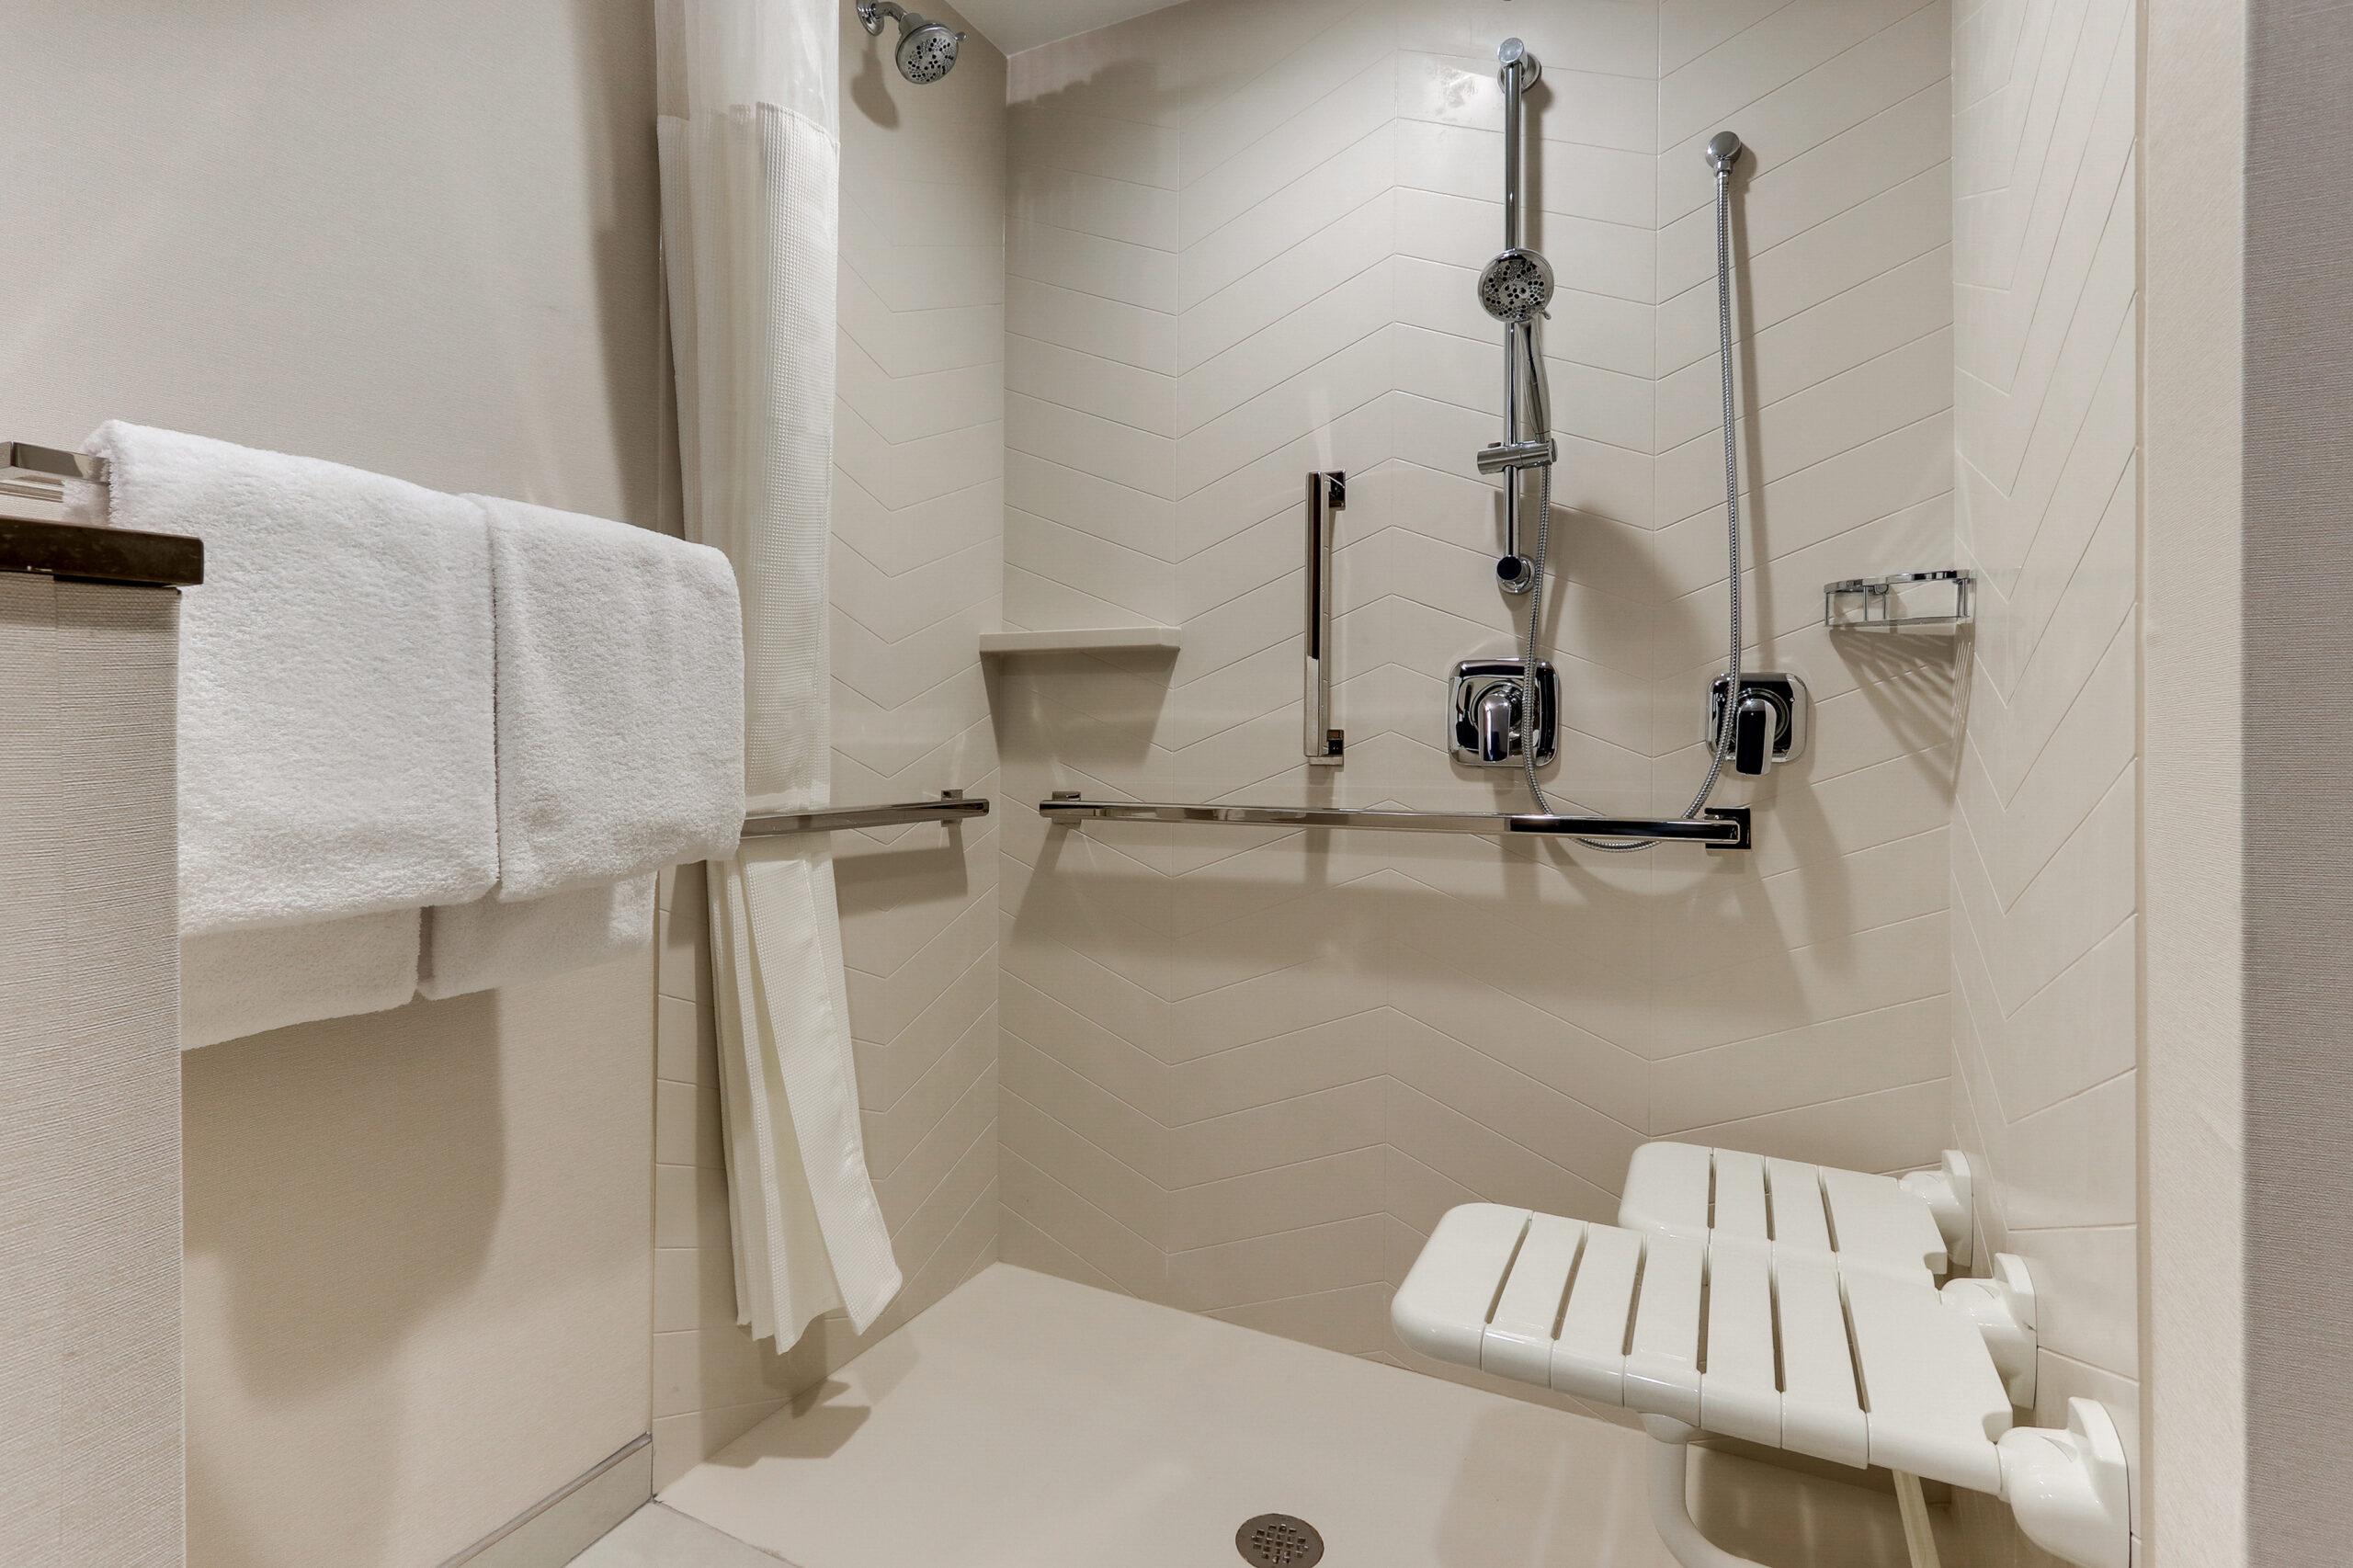 FF_AVLFW_Accessible Bathroom